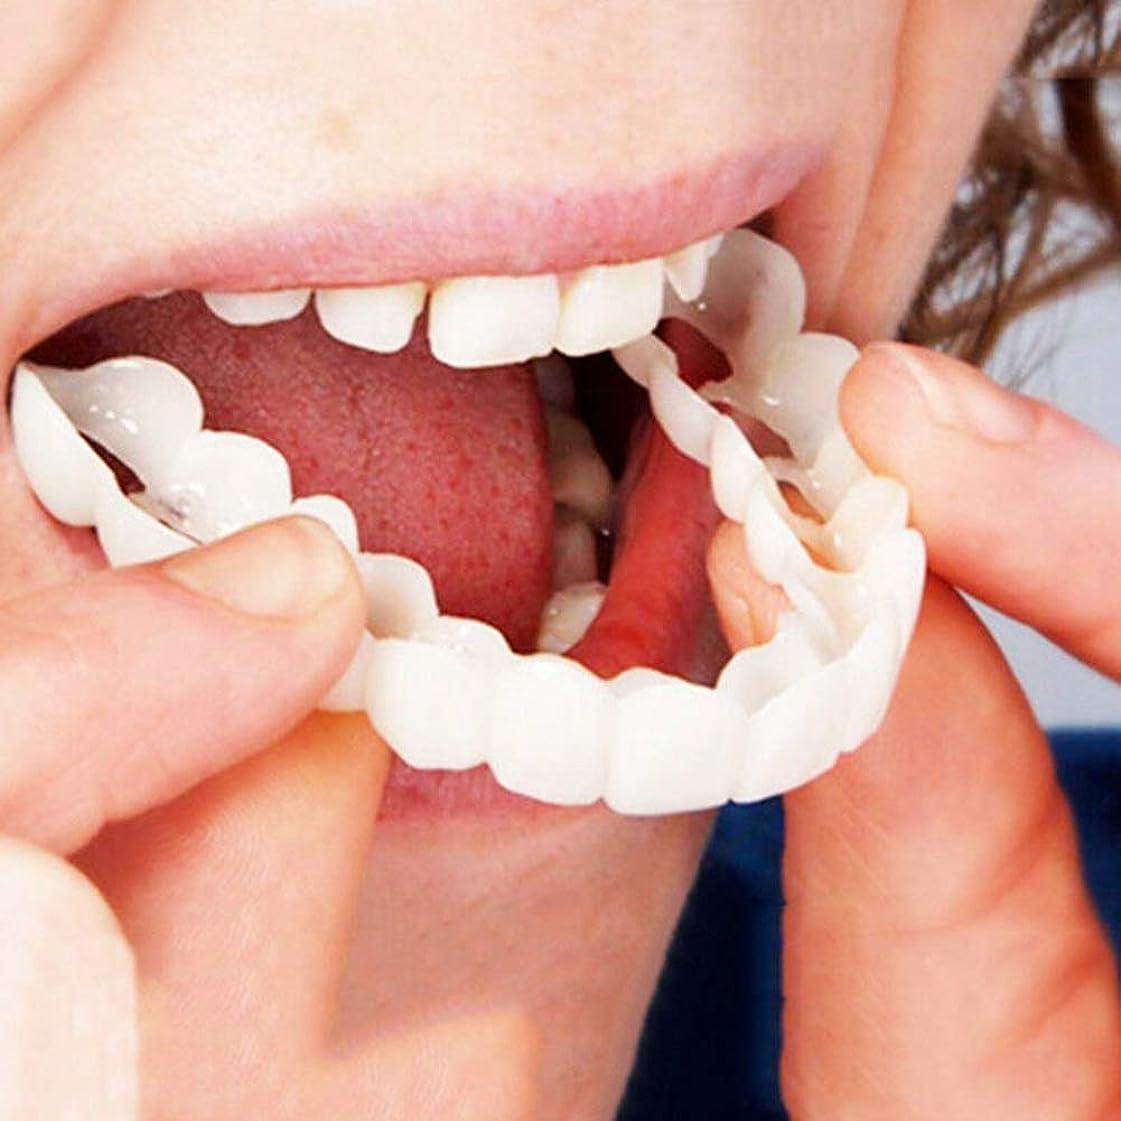 ルビー乗り出すピラミッドTerGOOSE 歯 矯正 矯正器 歯を白く 矯正用リテーナー 完璧な笑顔 快適な 歯列矯正 歯並び 噛み合わせ 歯リテイナー 歯ぎしり いびき防止 多機能 健康管理ツール 歯の損傷を防ぐ 有効 (下+上)